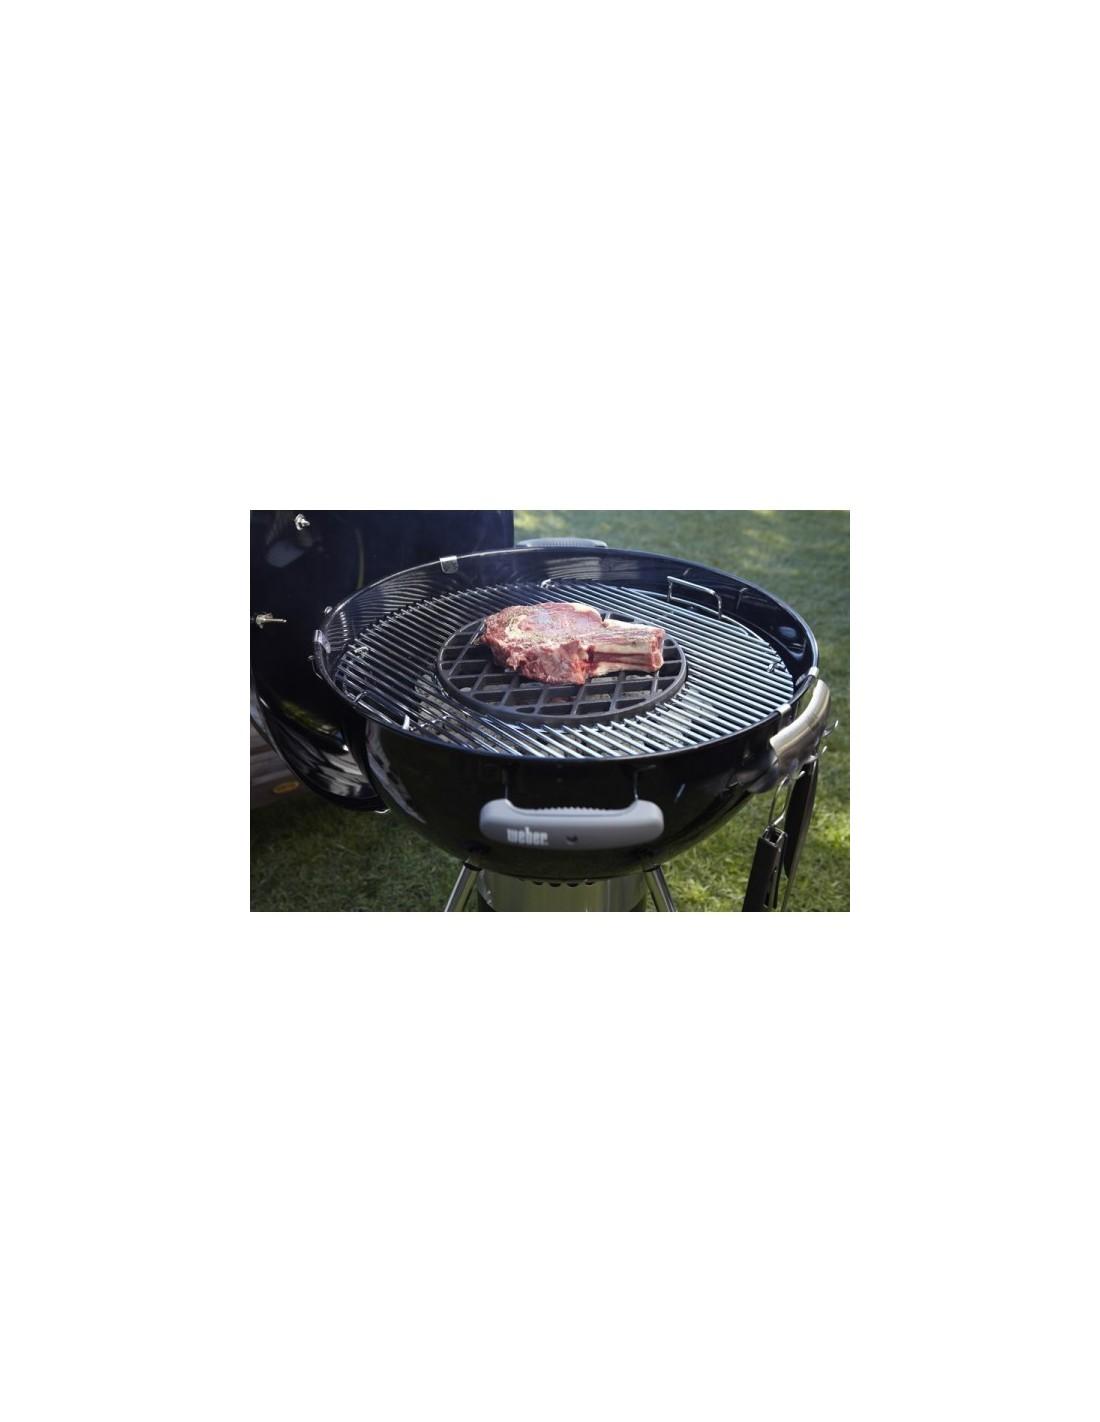 Grille de saisie weber en fonte d 39 acier pour gourmet bbq system - Grille en fonte pour barbecue ...